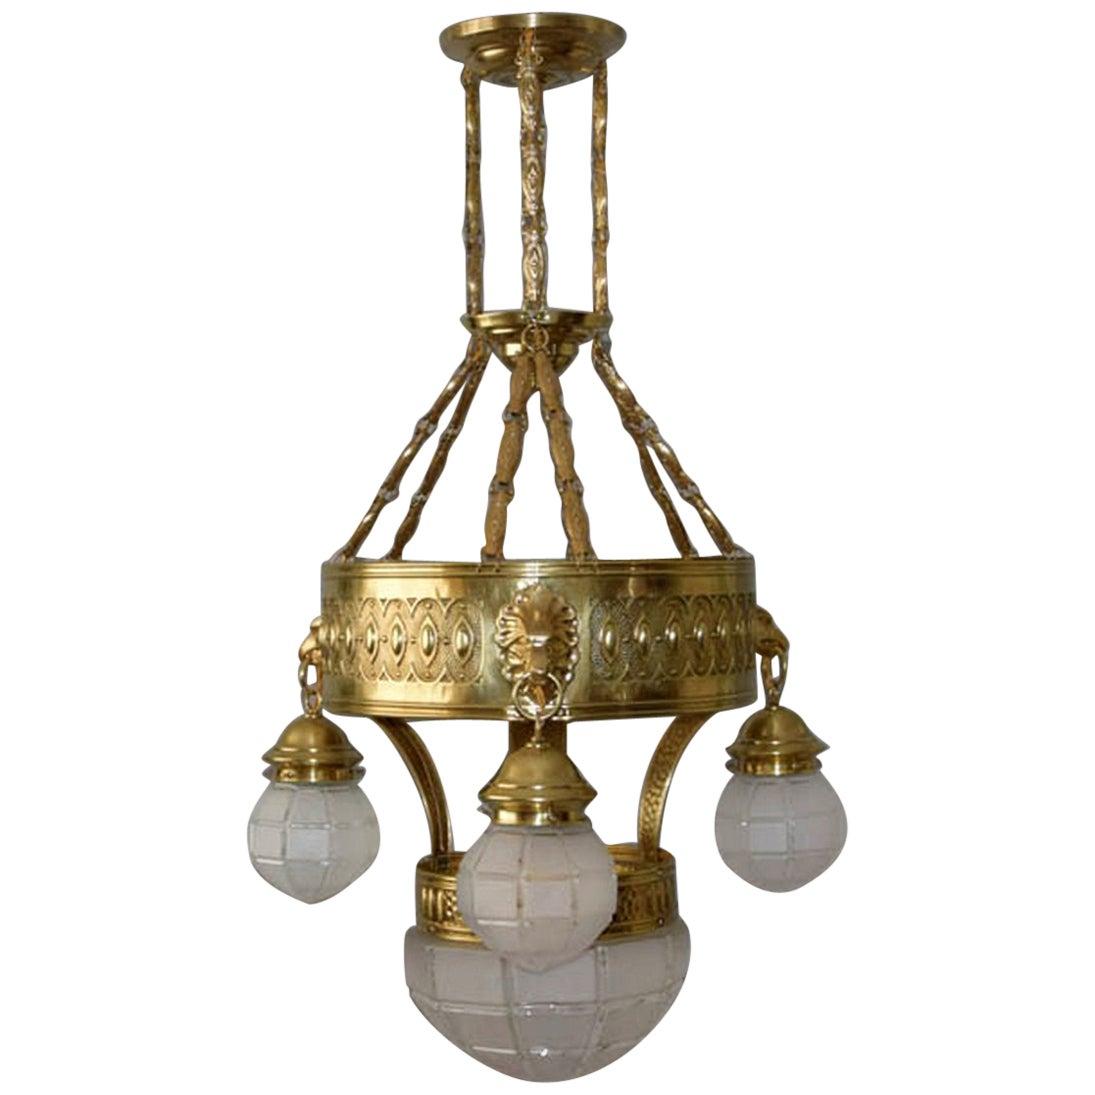 1910s Big Brass Art Nouveau Chandelier